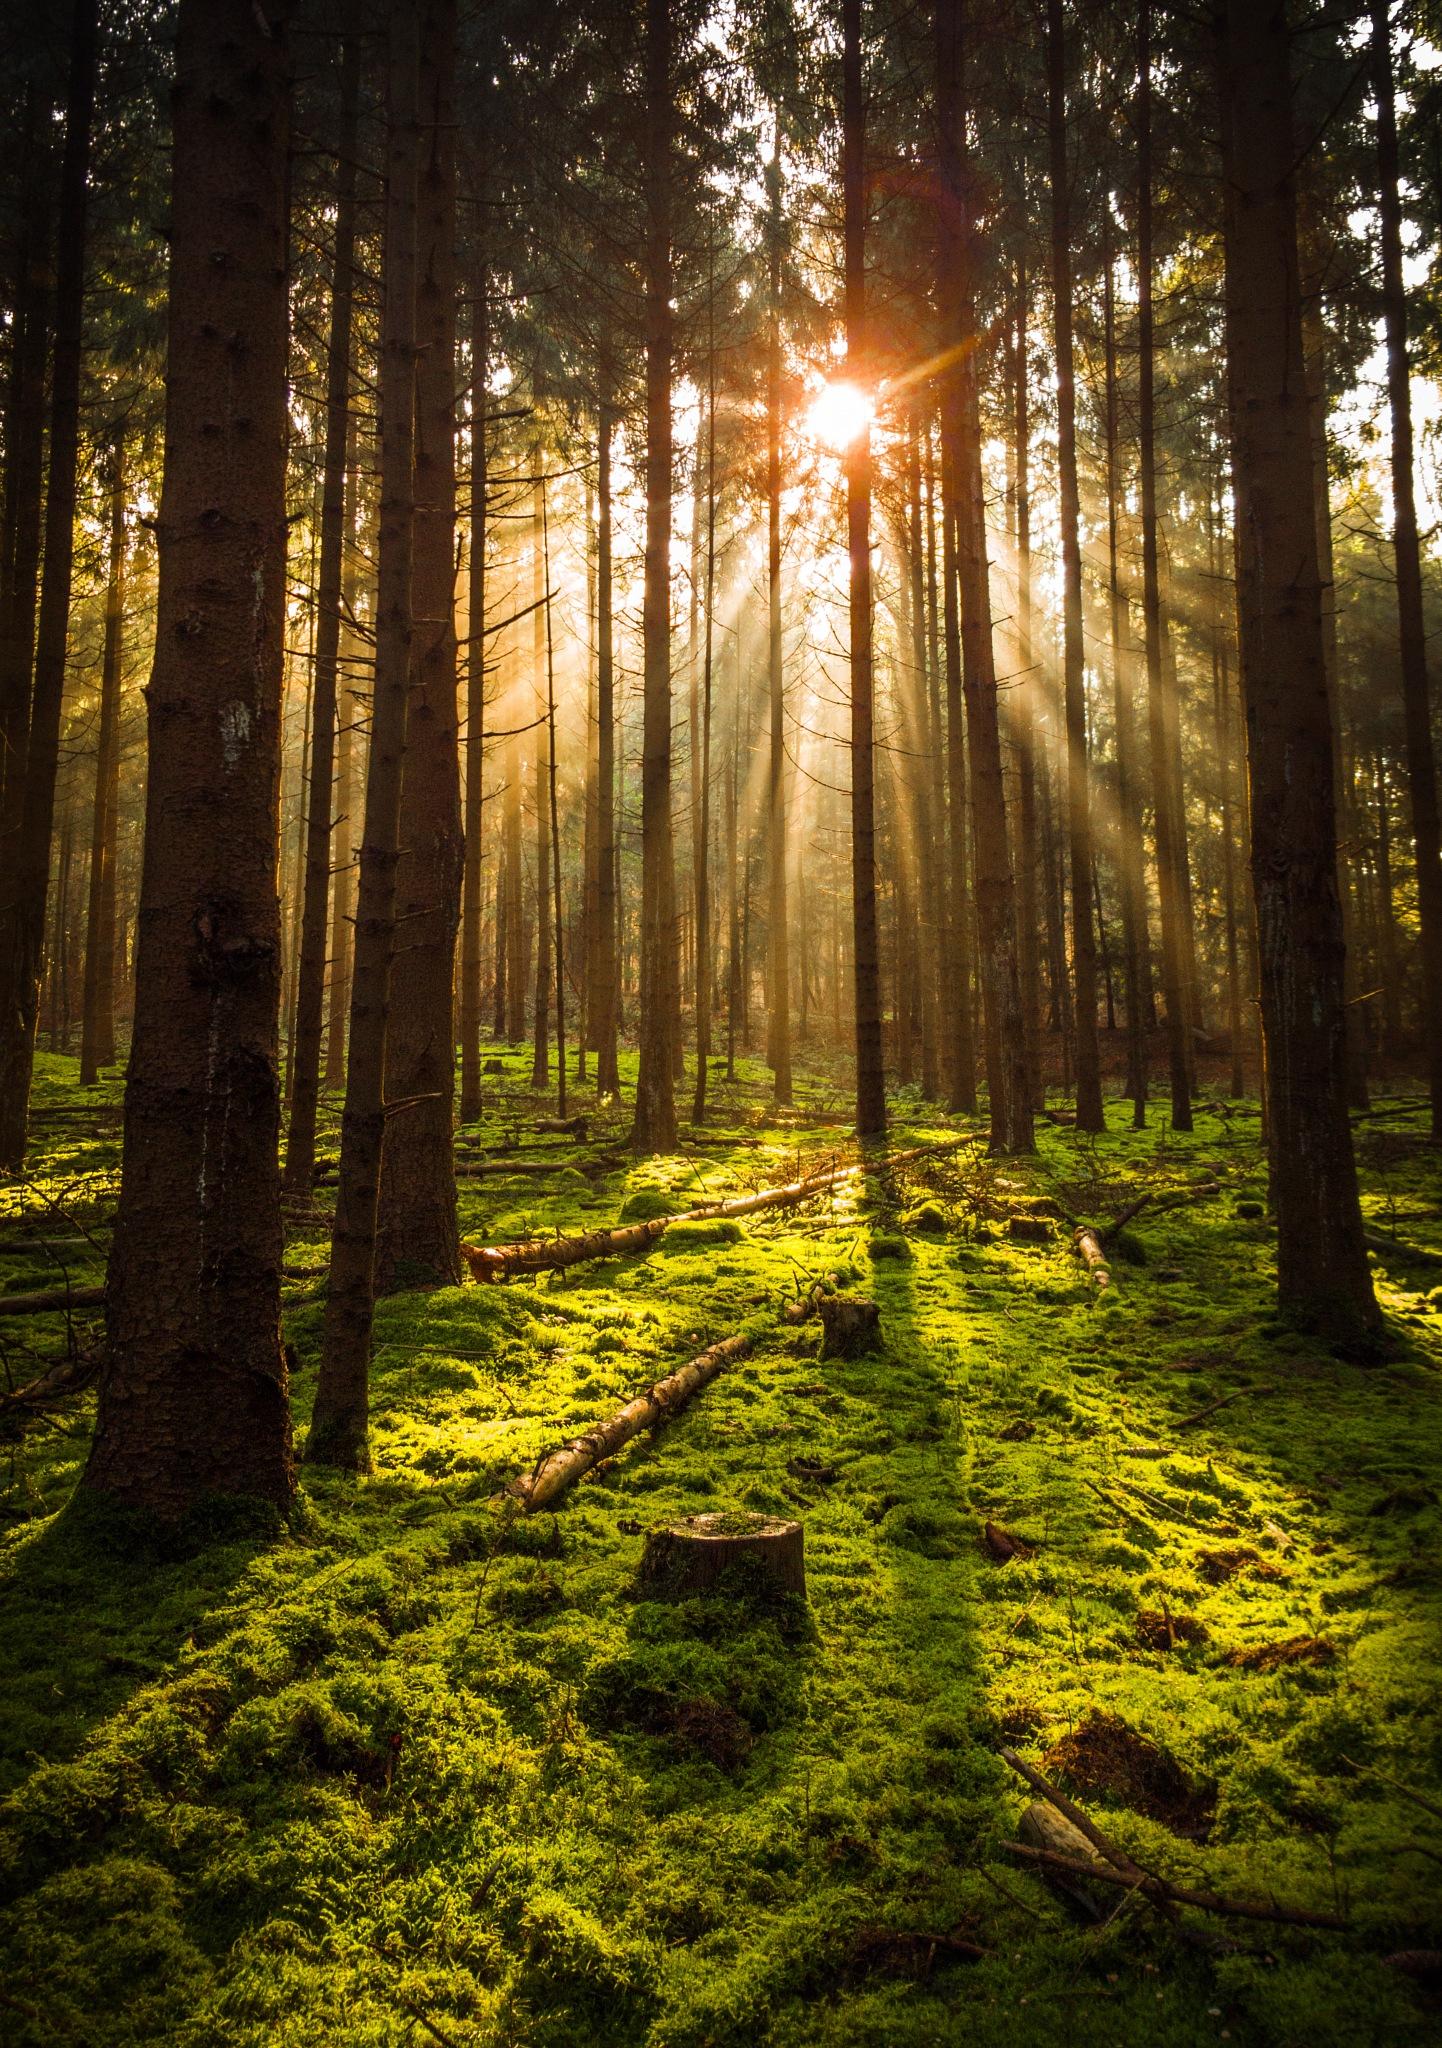 sunny forest by joostlagerweij